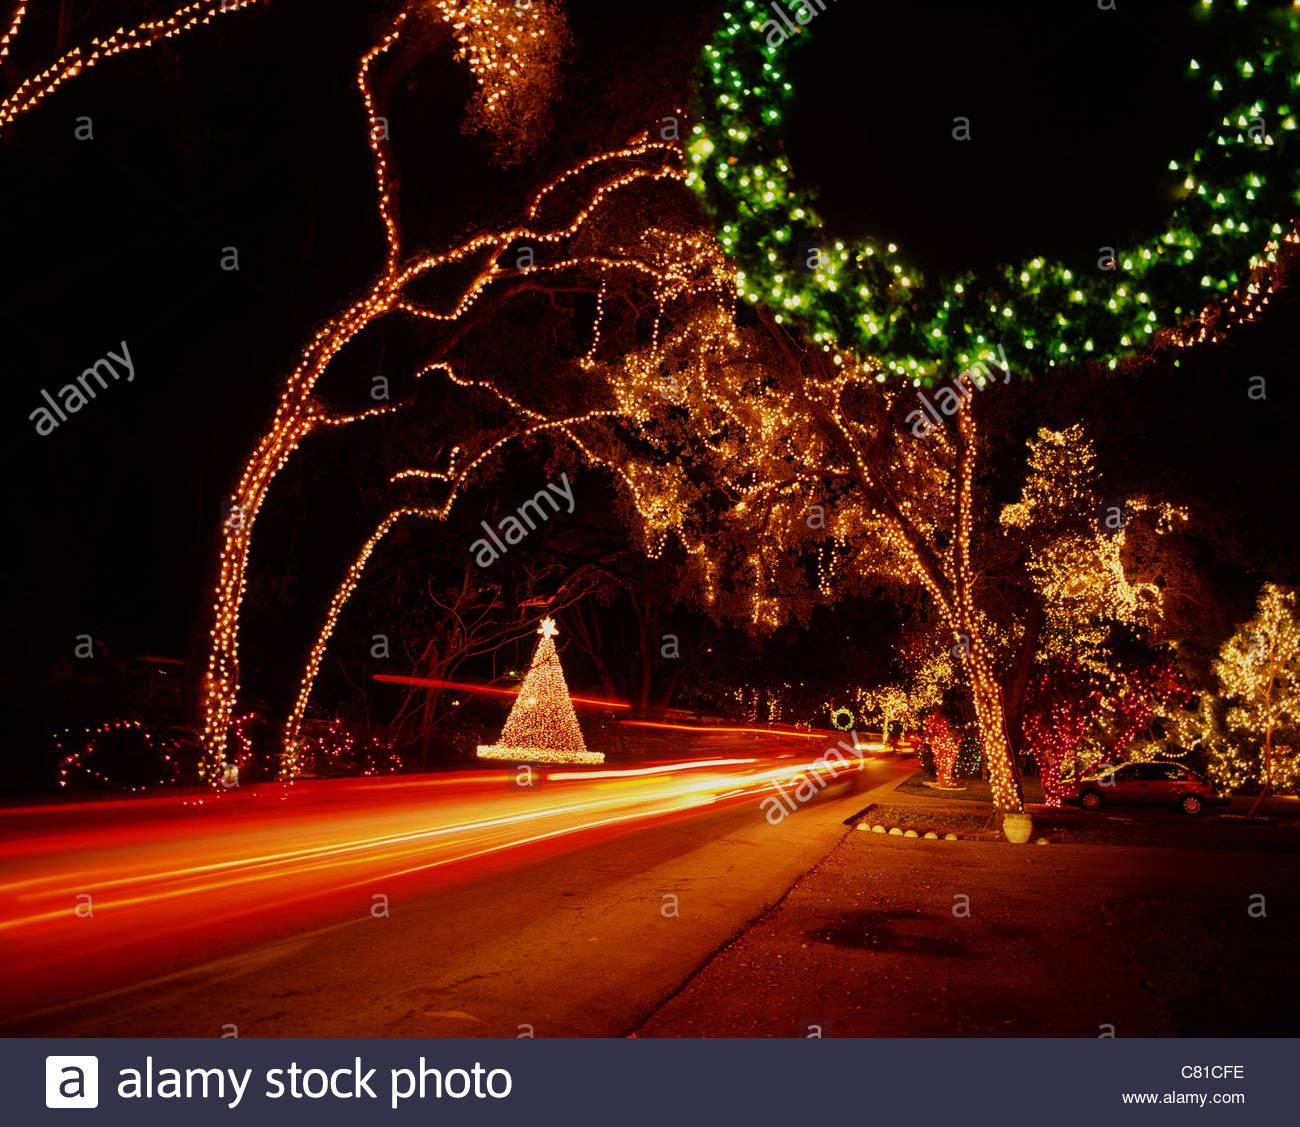 usa florida miami trees with christmas lights stock image